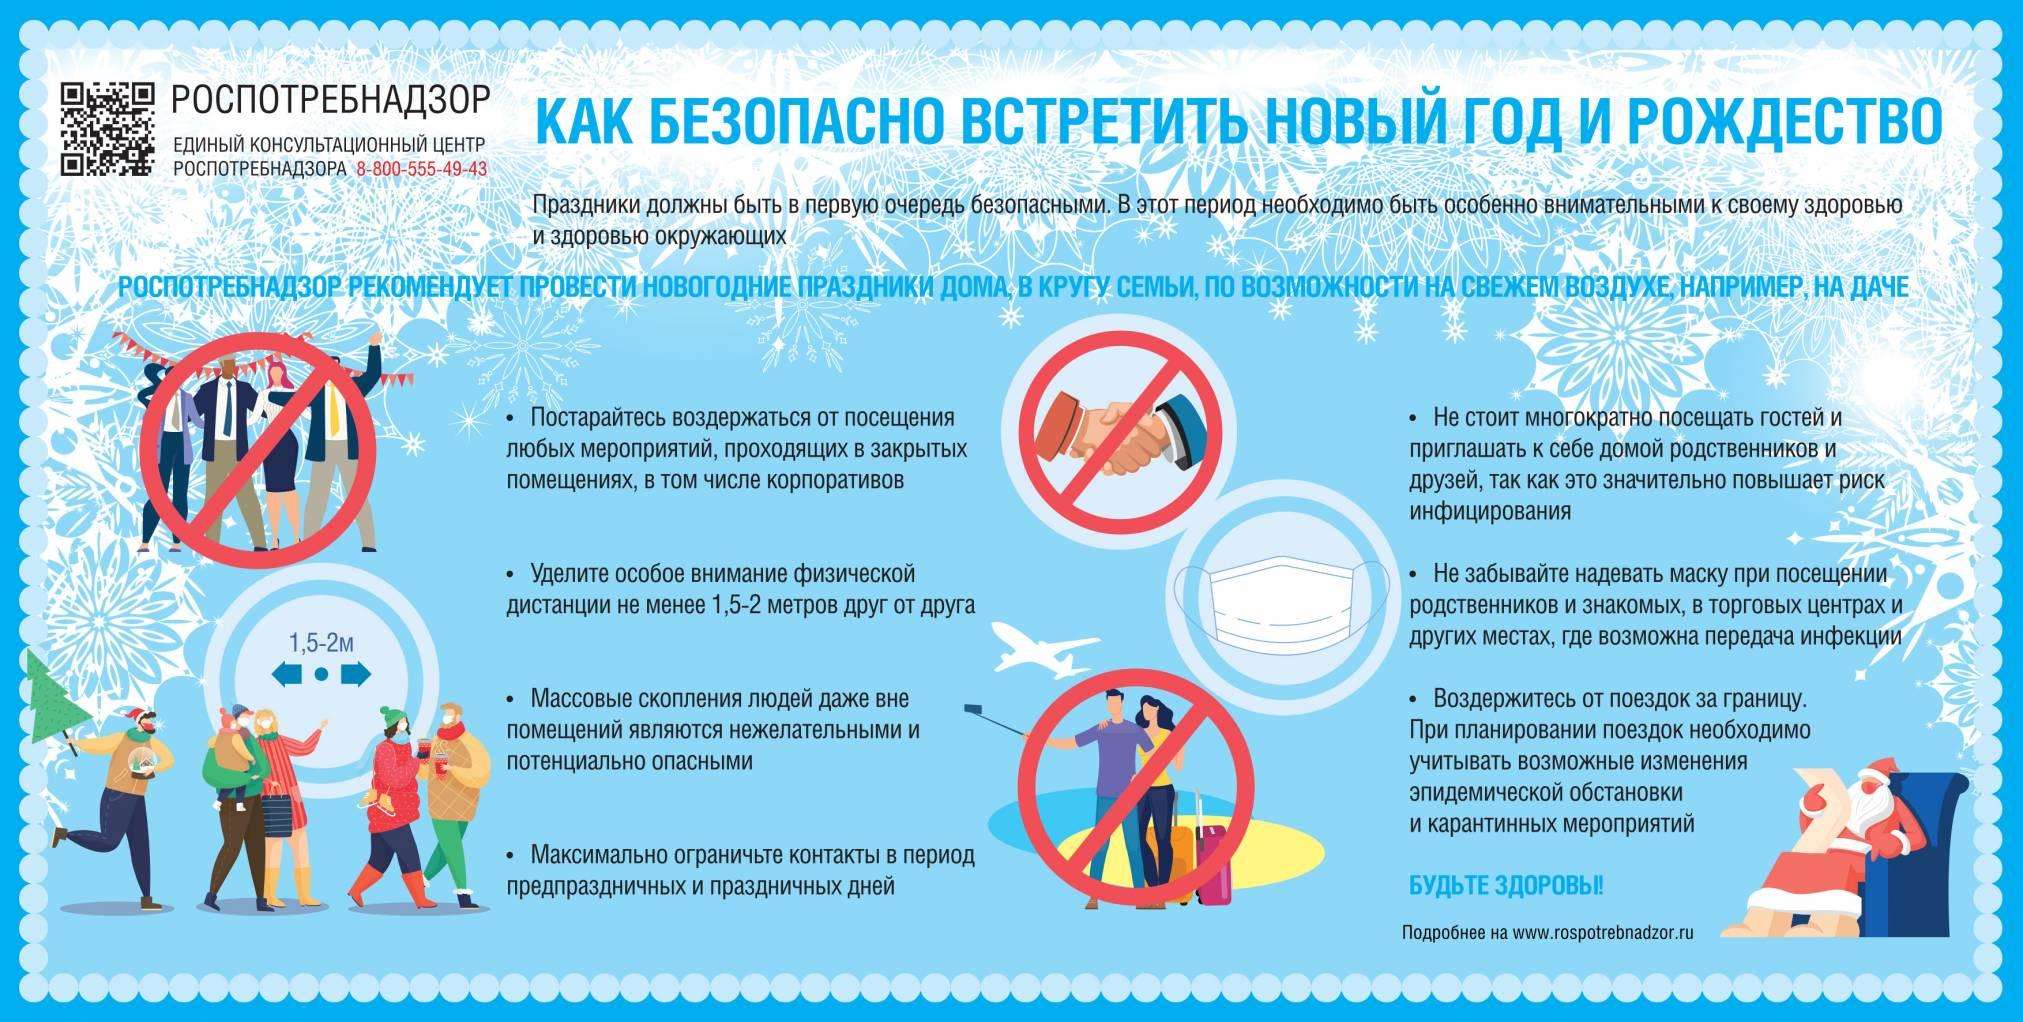 Рекомендации Роспотребнадзора как безопасно встретить новогодние праздники